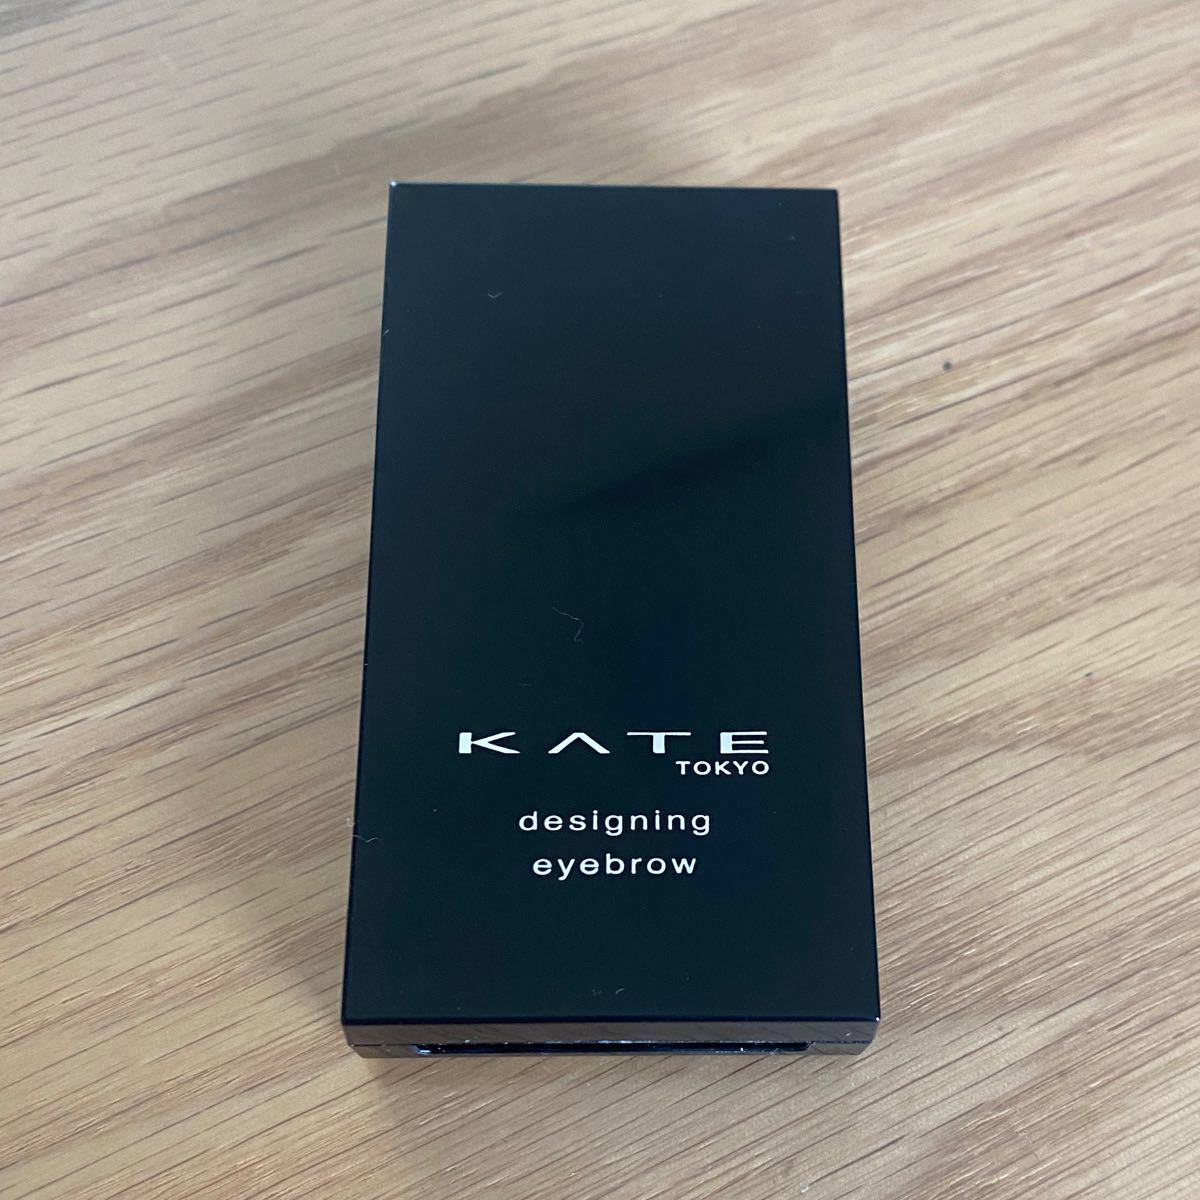 KATE ケイトデザイニングアイブロウ 3D ケイト オリーブグレー系 EX-7 オリーブ